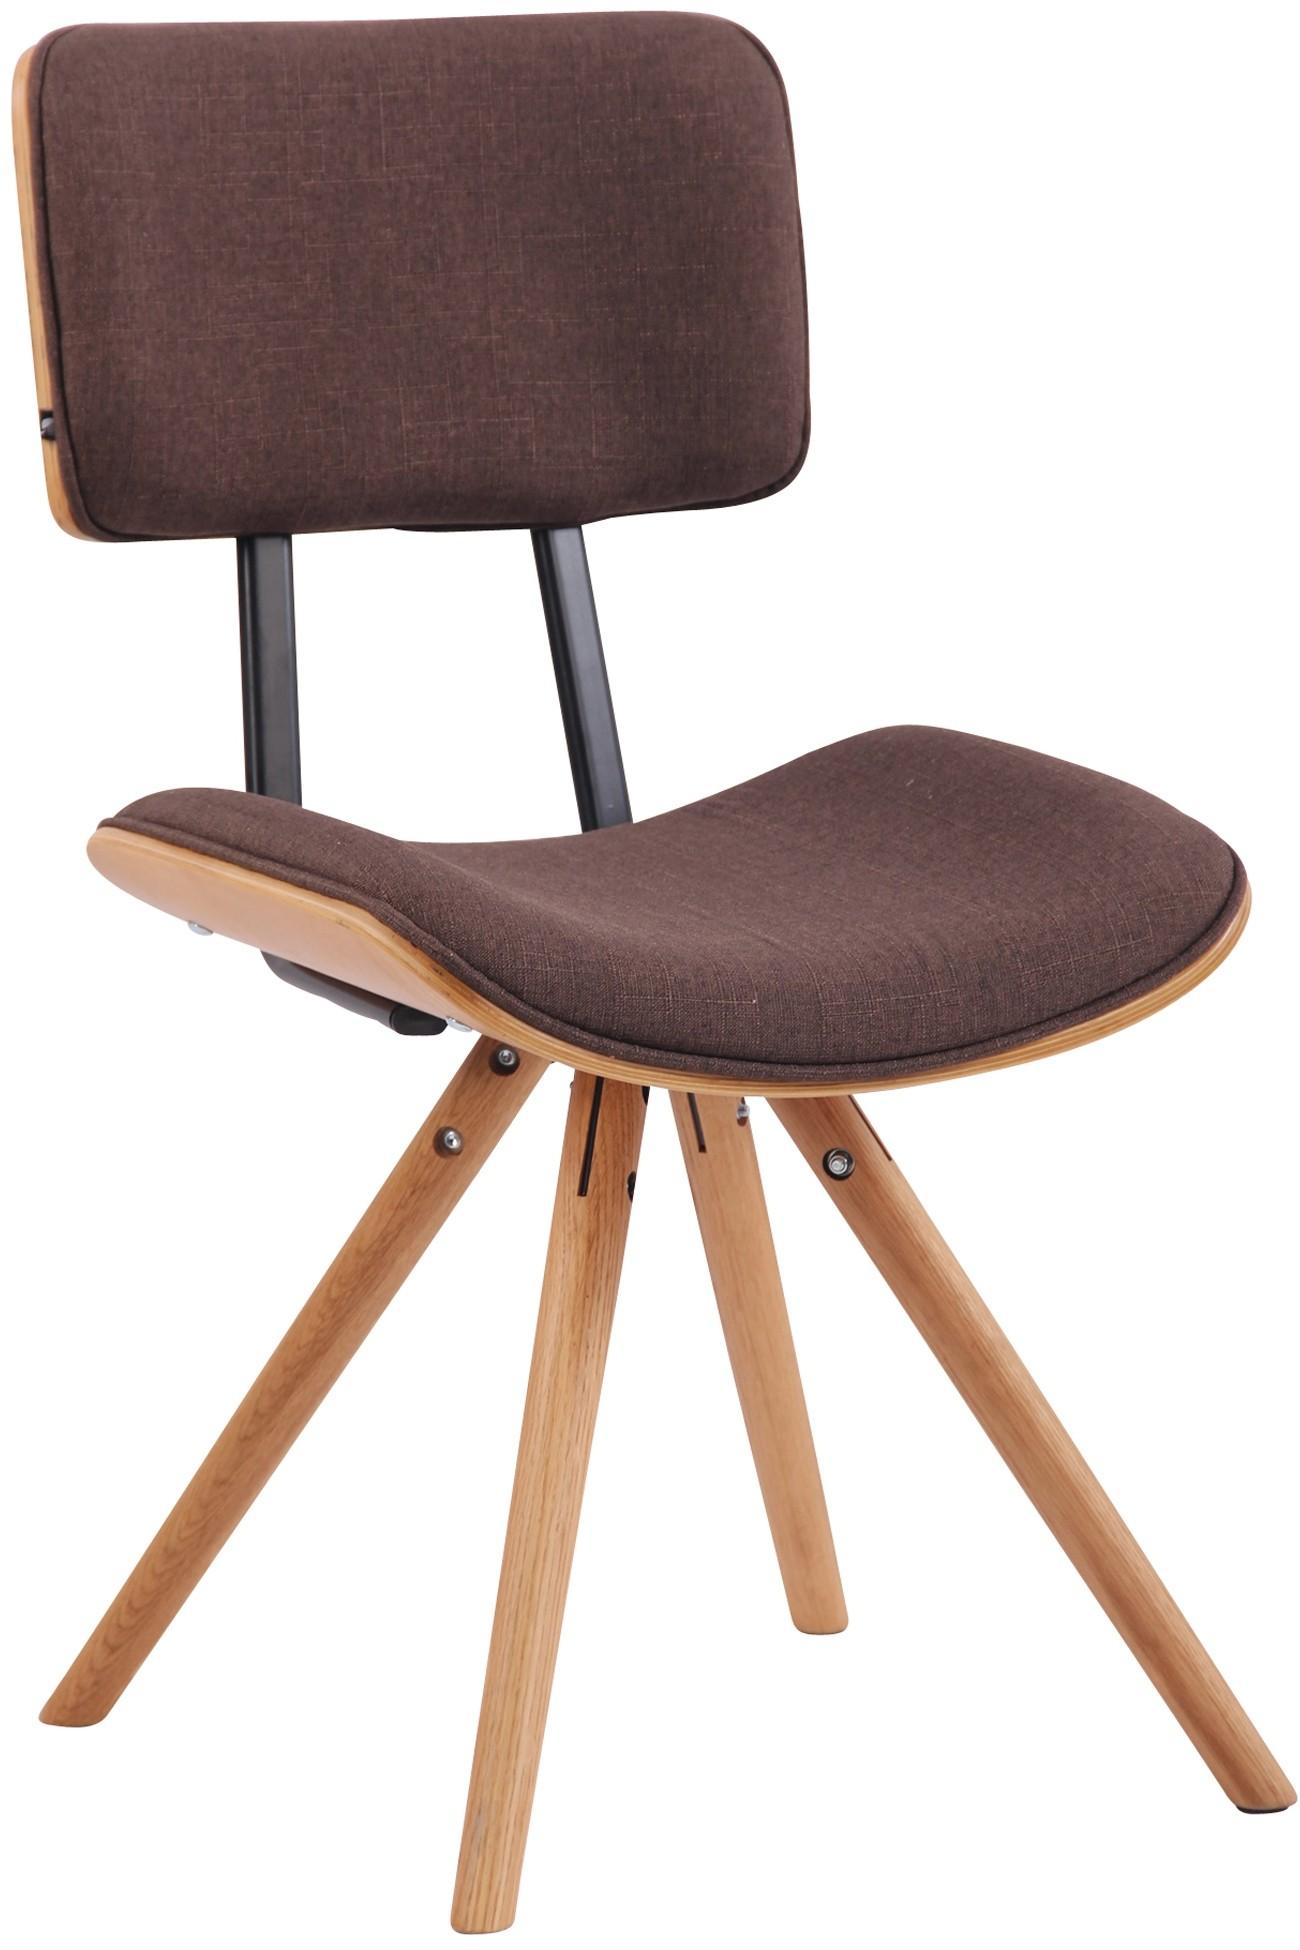 Chaise de salle à manger Delft en tissu